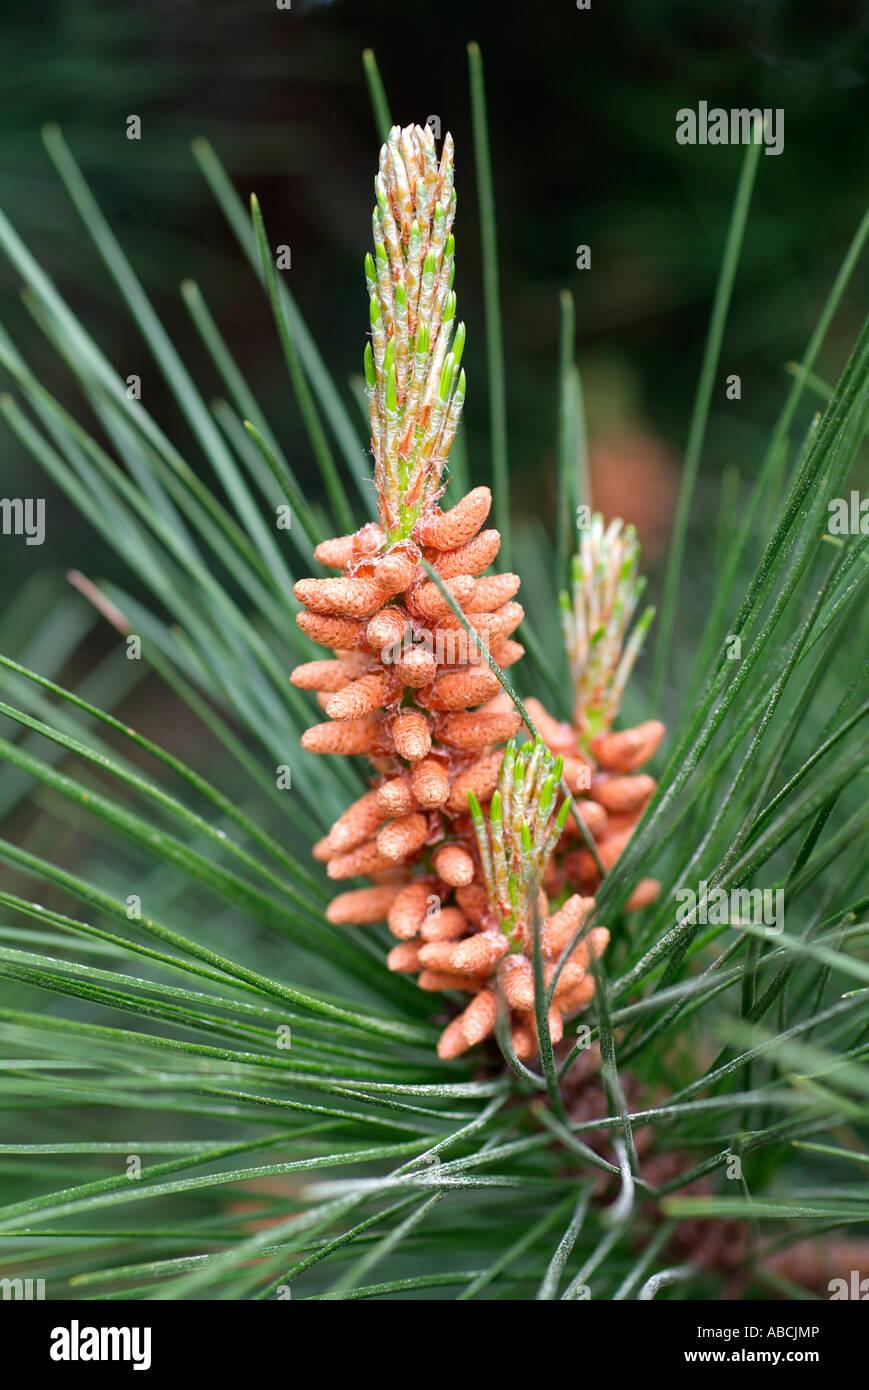 Pin pin mâle Fleur Fleur Fleur botanique plante aiguille macro close close-up libre forêt de conifères conifères naturels masculins Banque D'Images